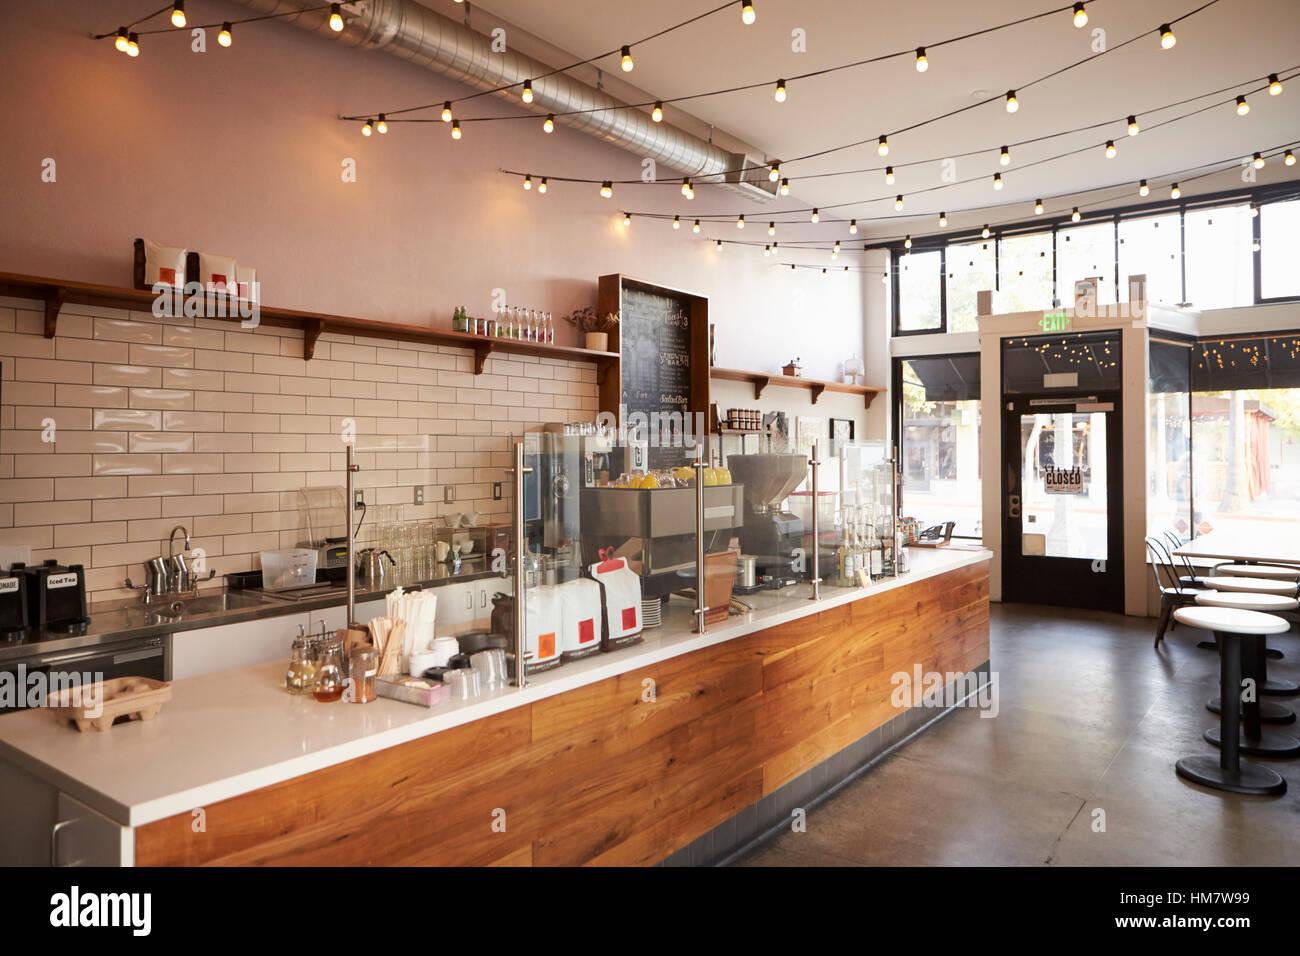 Leere Cafe Oder Bar Einrichtung Tagsüber Stockfoto Bild 132939221